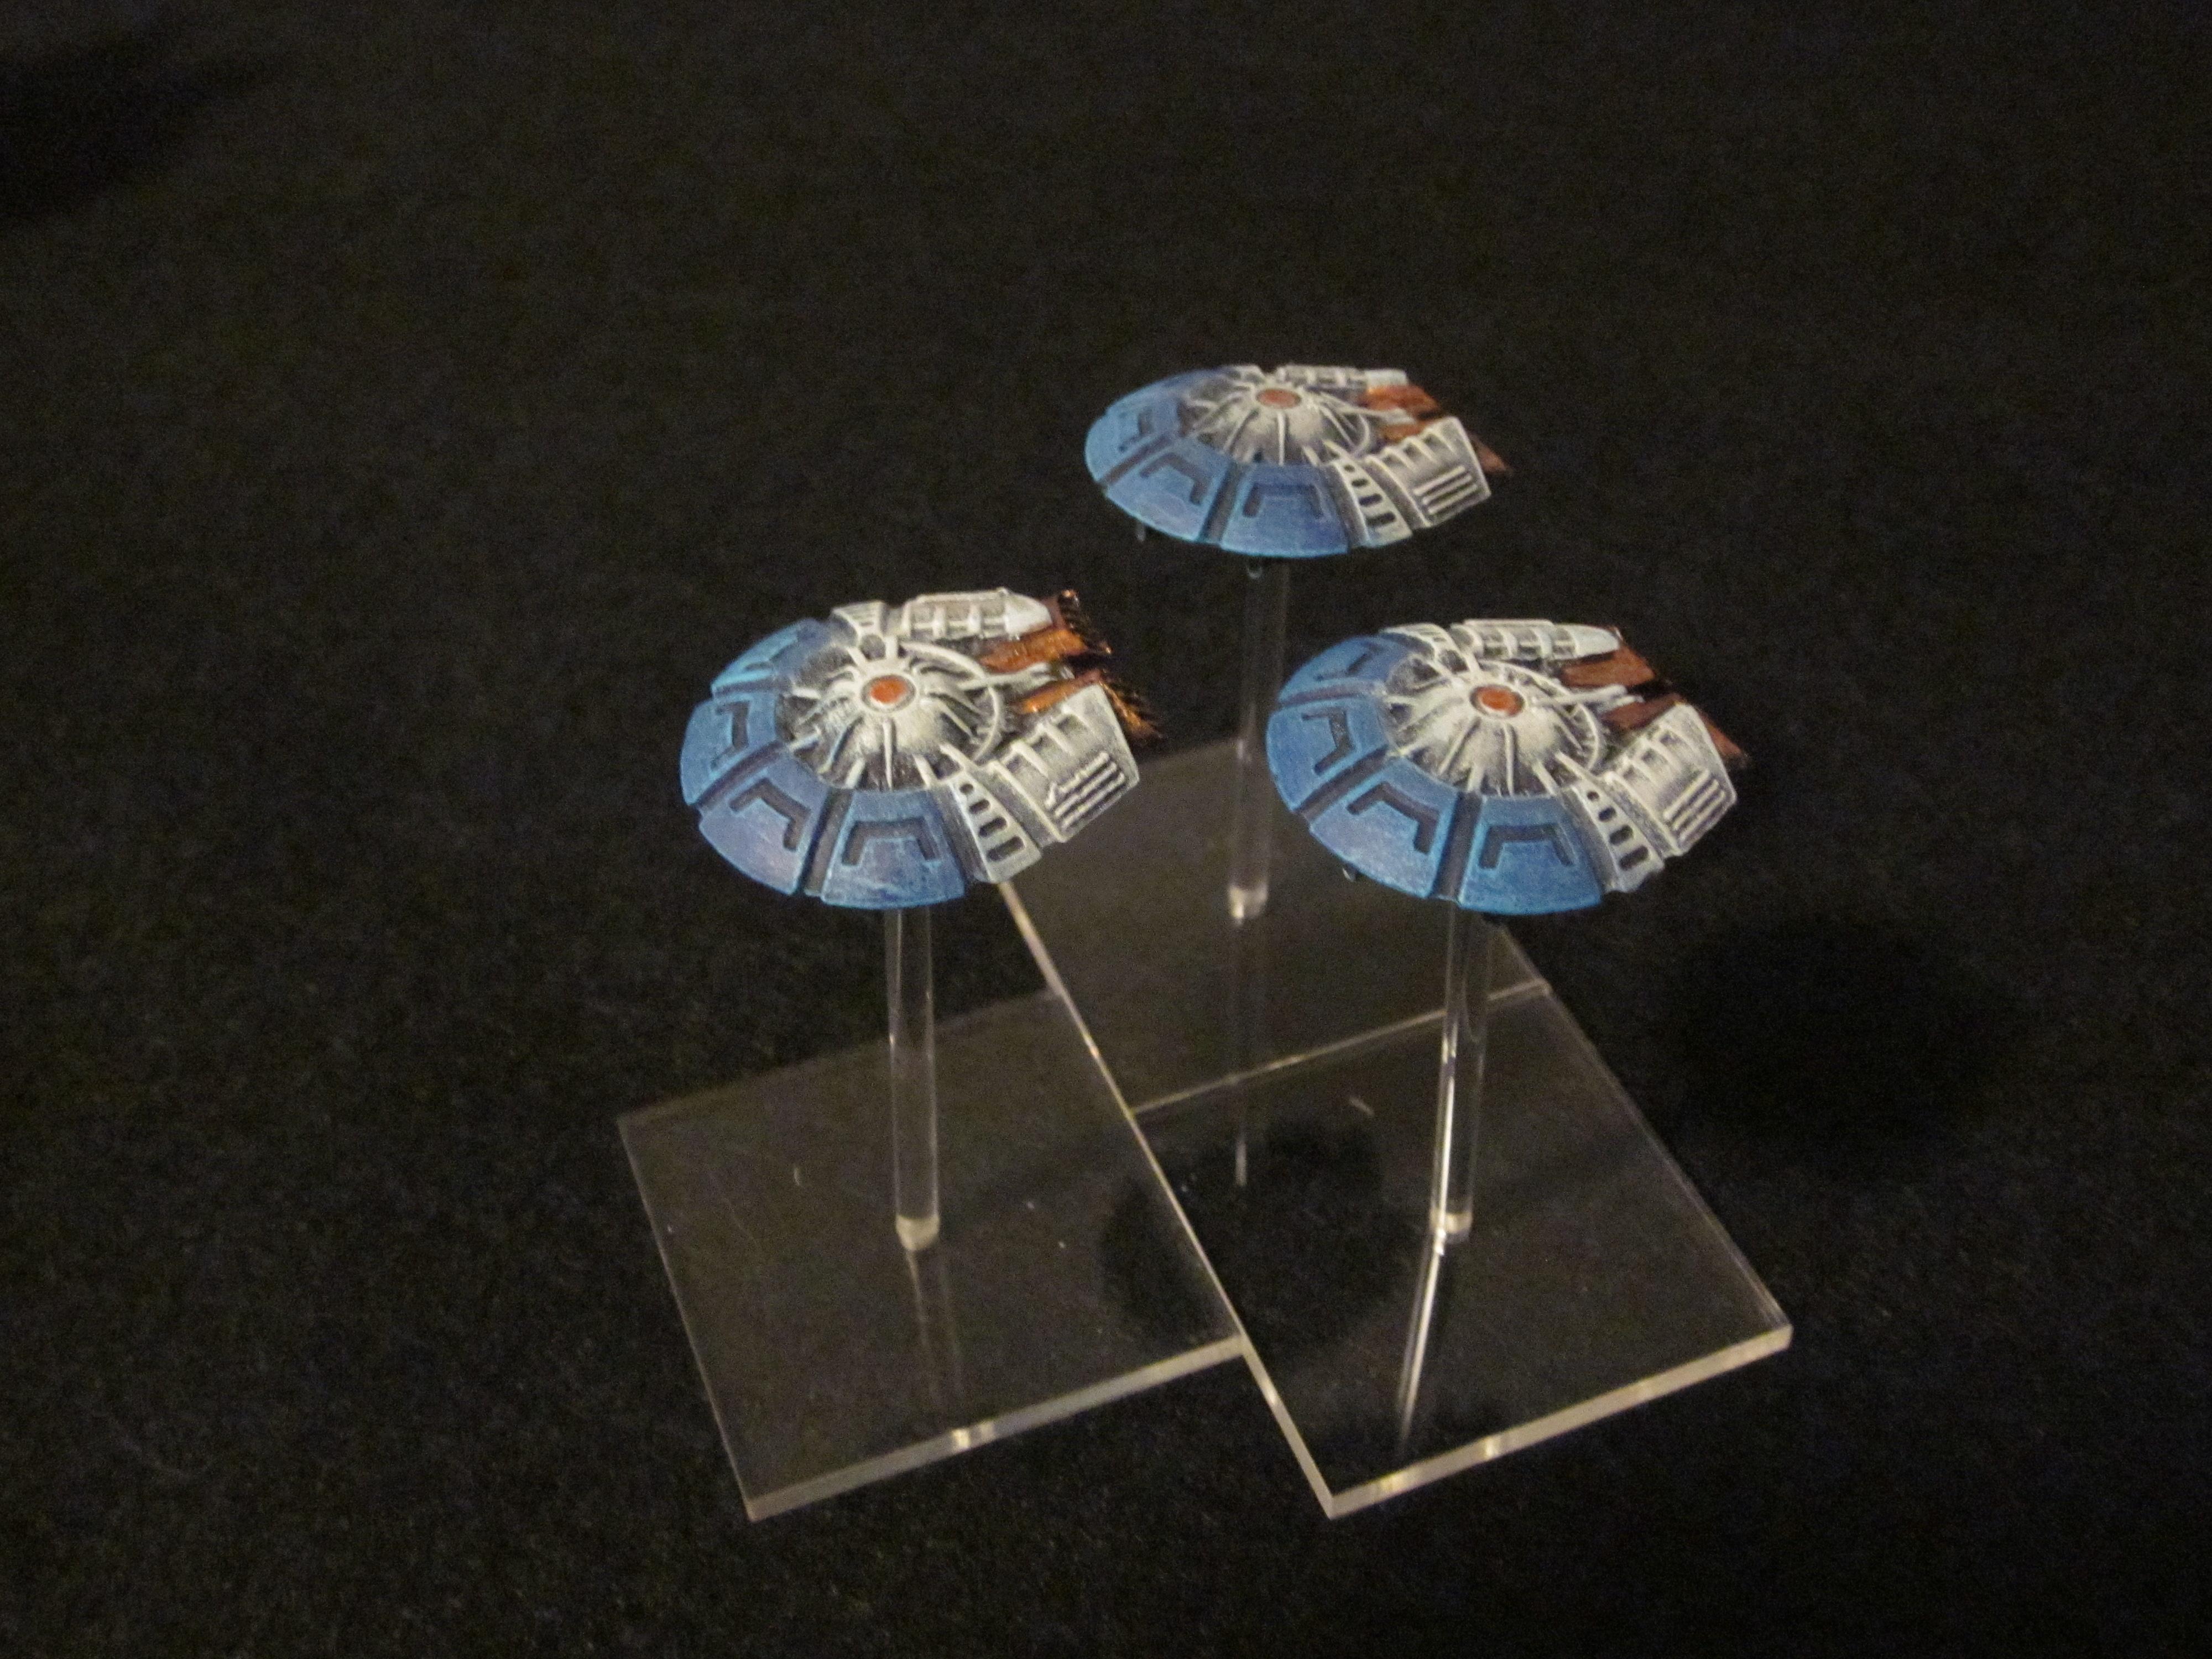 Armada, Directorate, Firestorm, Frigate, Spartan